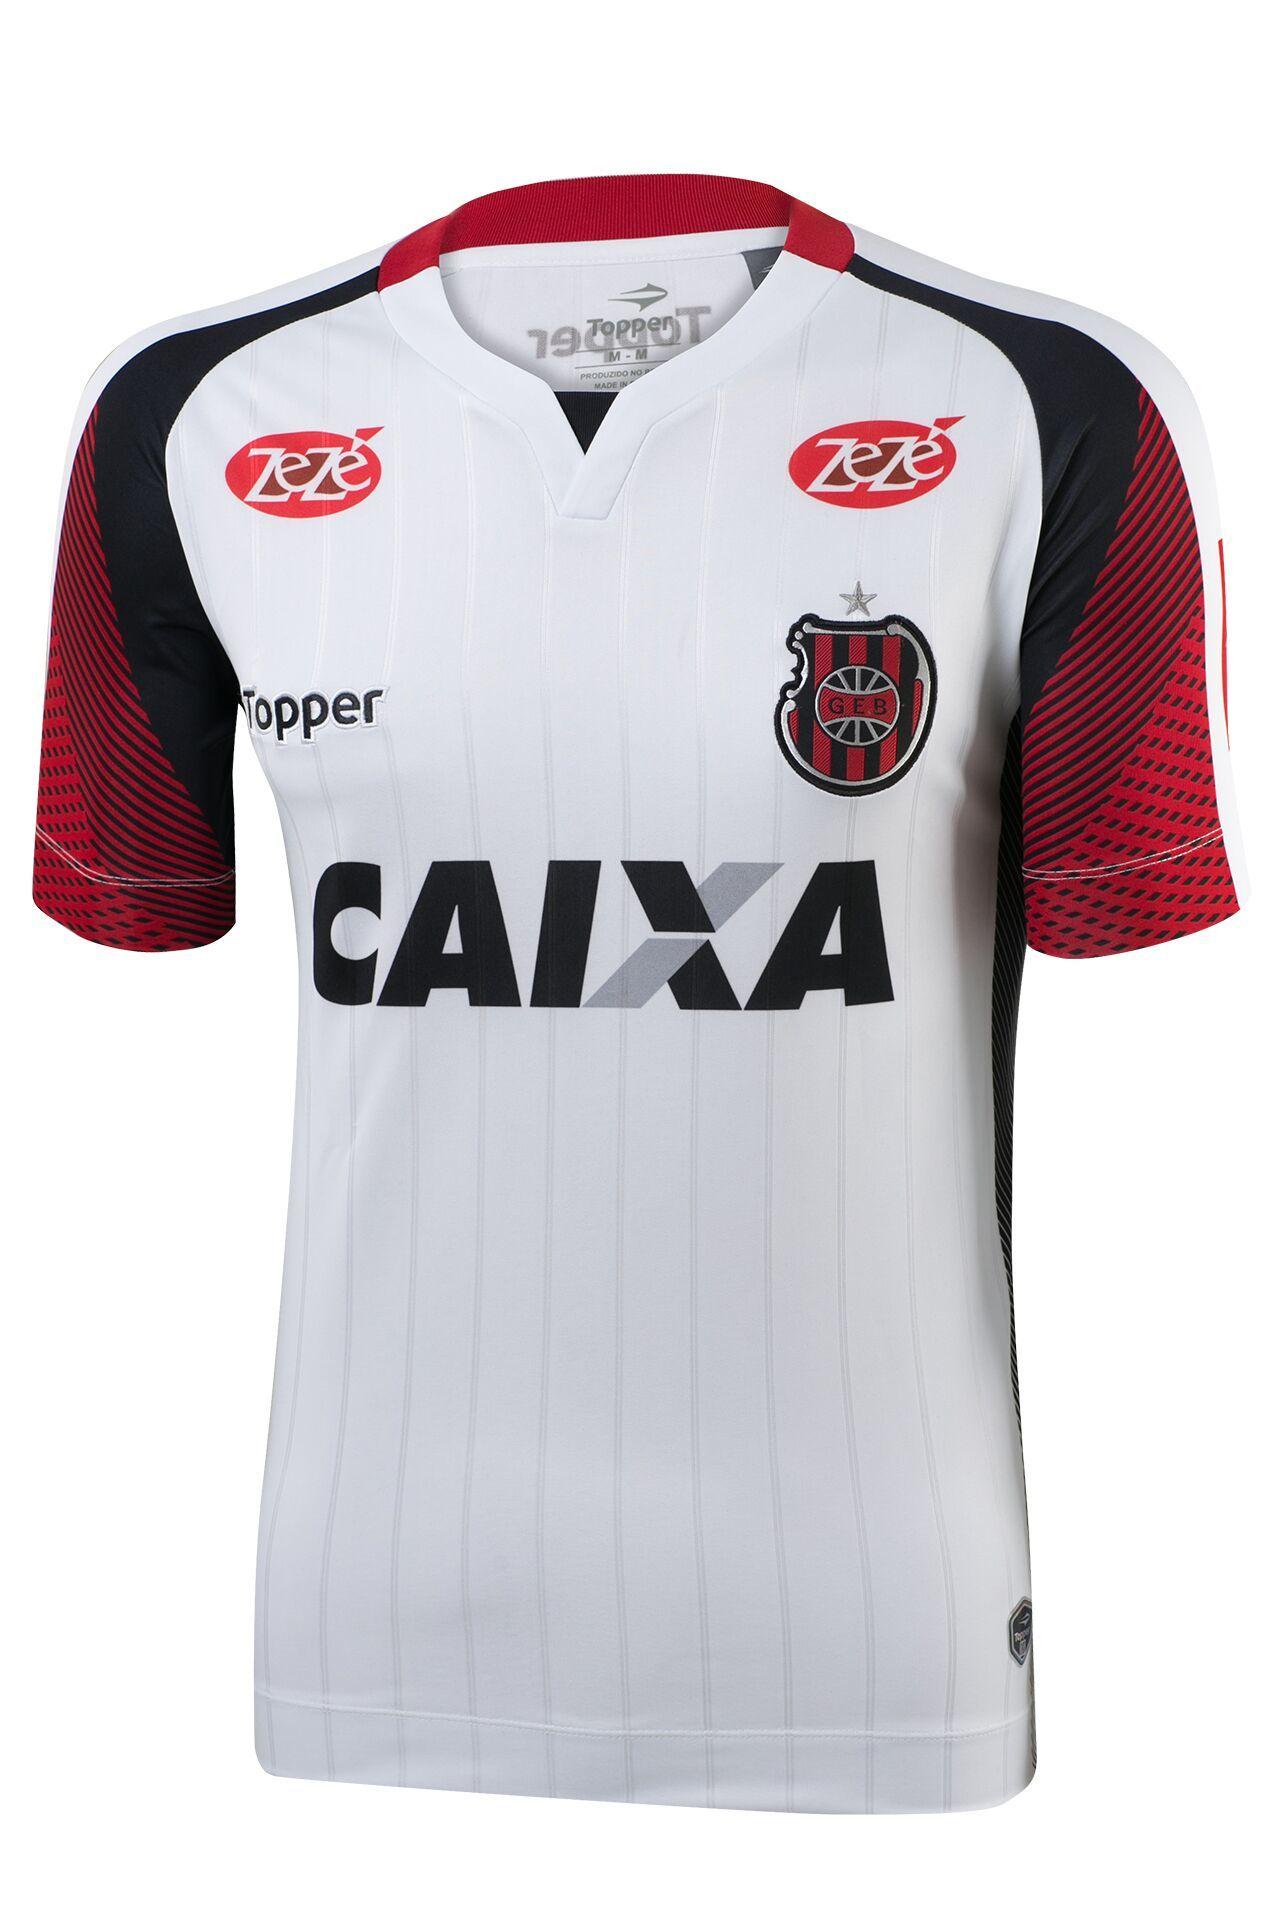 Nova camisa 3 do Corinthians homenageia piloto Ayrton Senna  7cadfb2610b4c